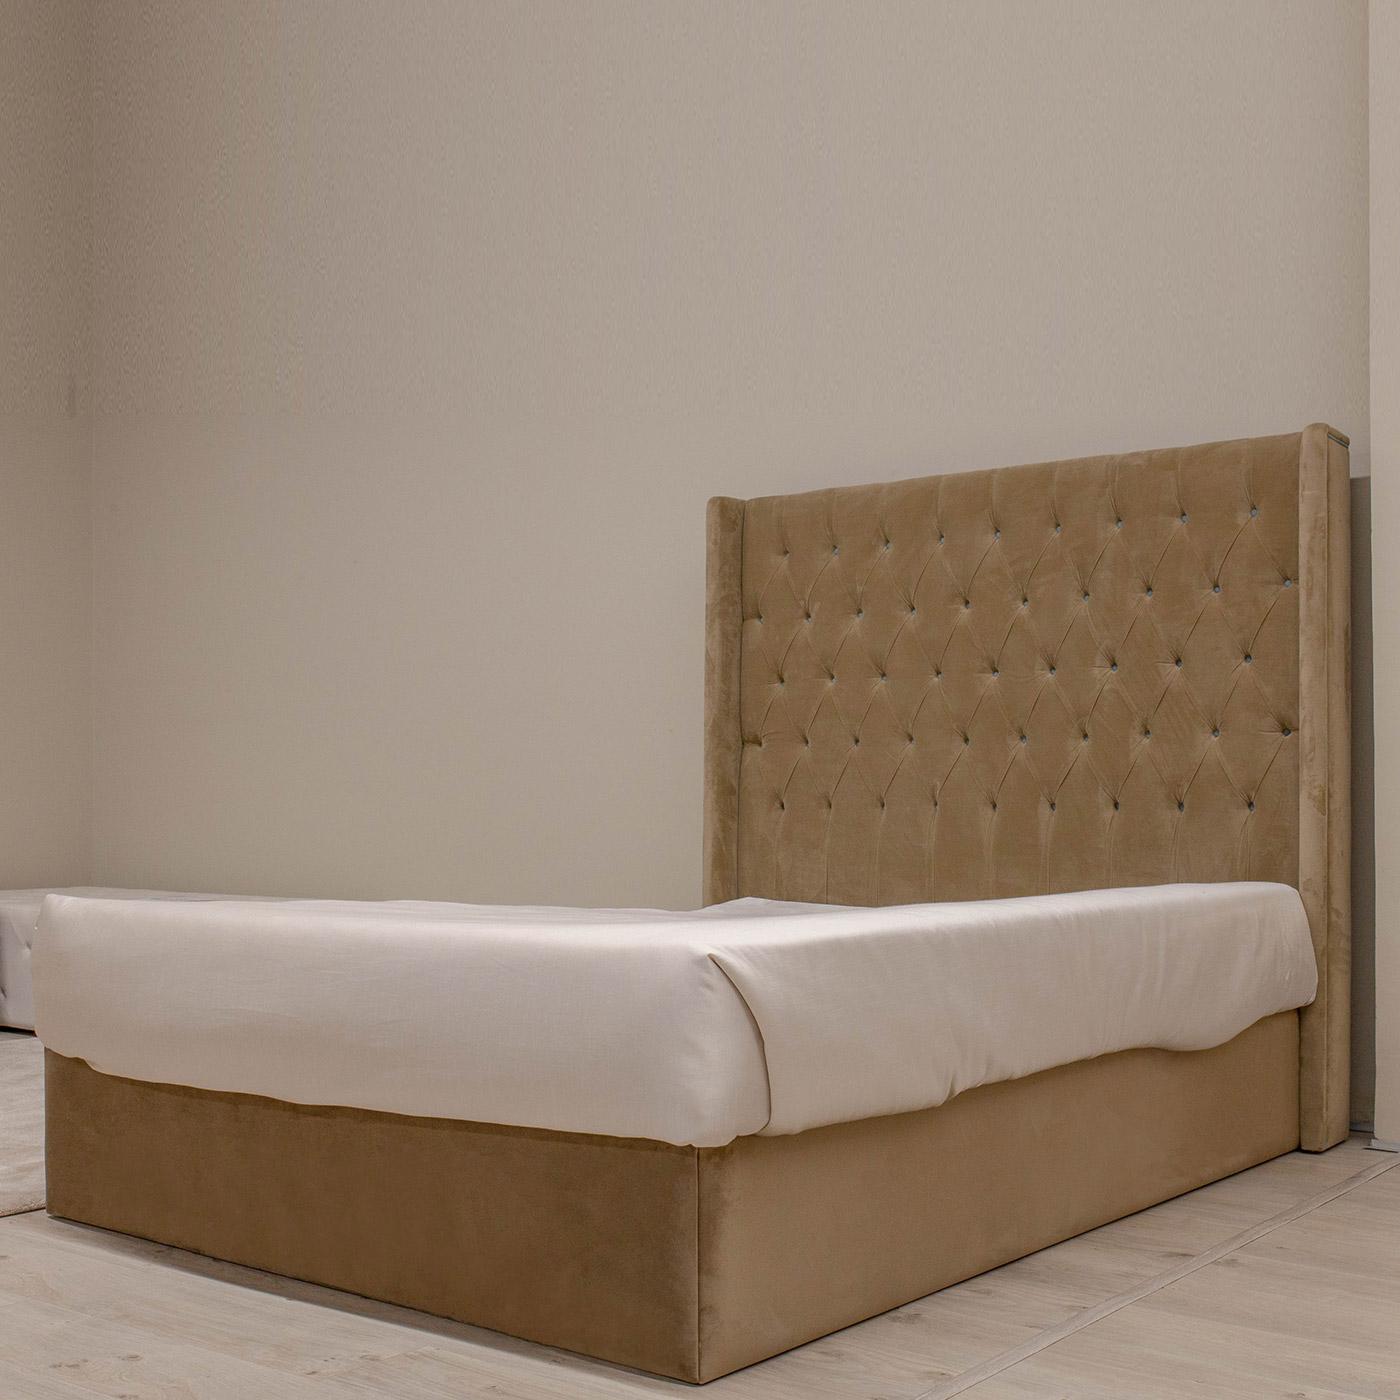 cama-esmeralda-domkapa-liquidação-total